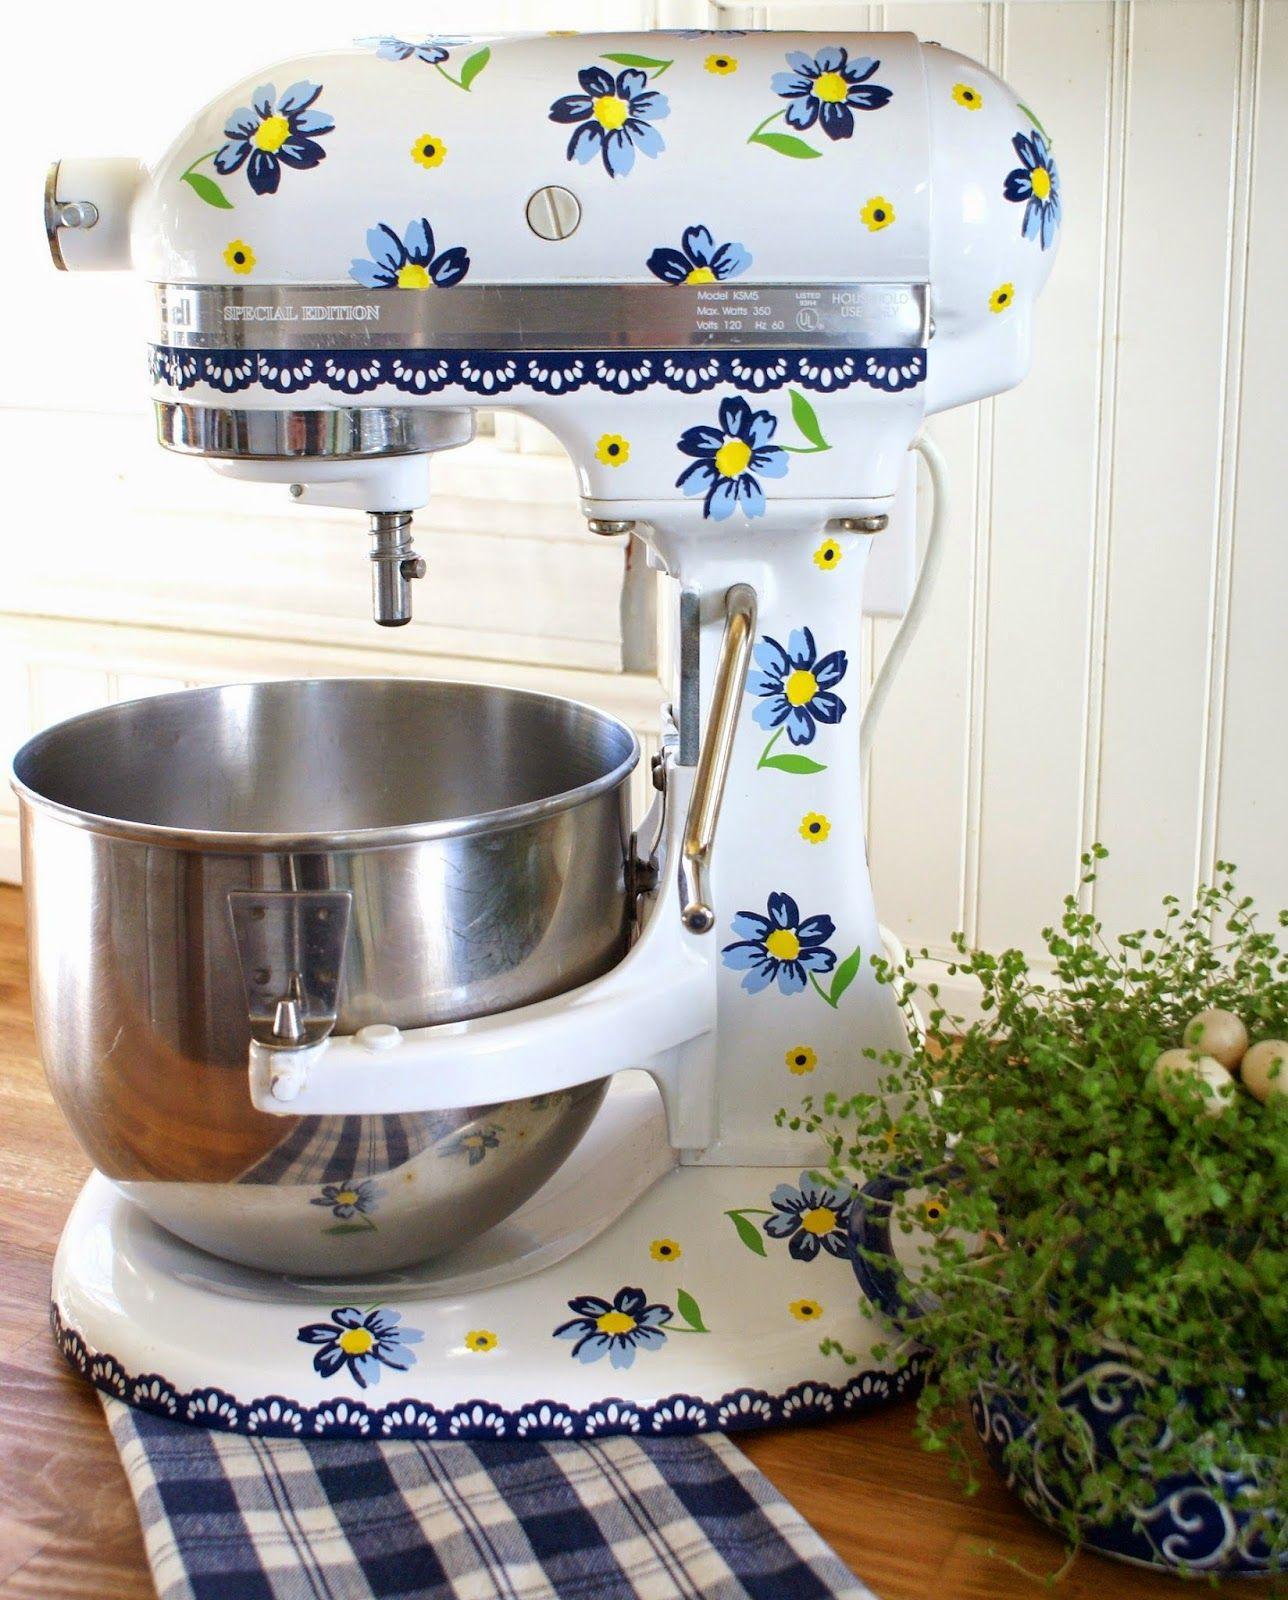 Kathys cottage kitchen aid mixer decal kitchen aid